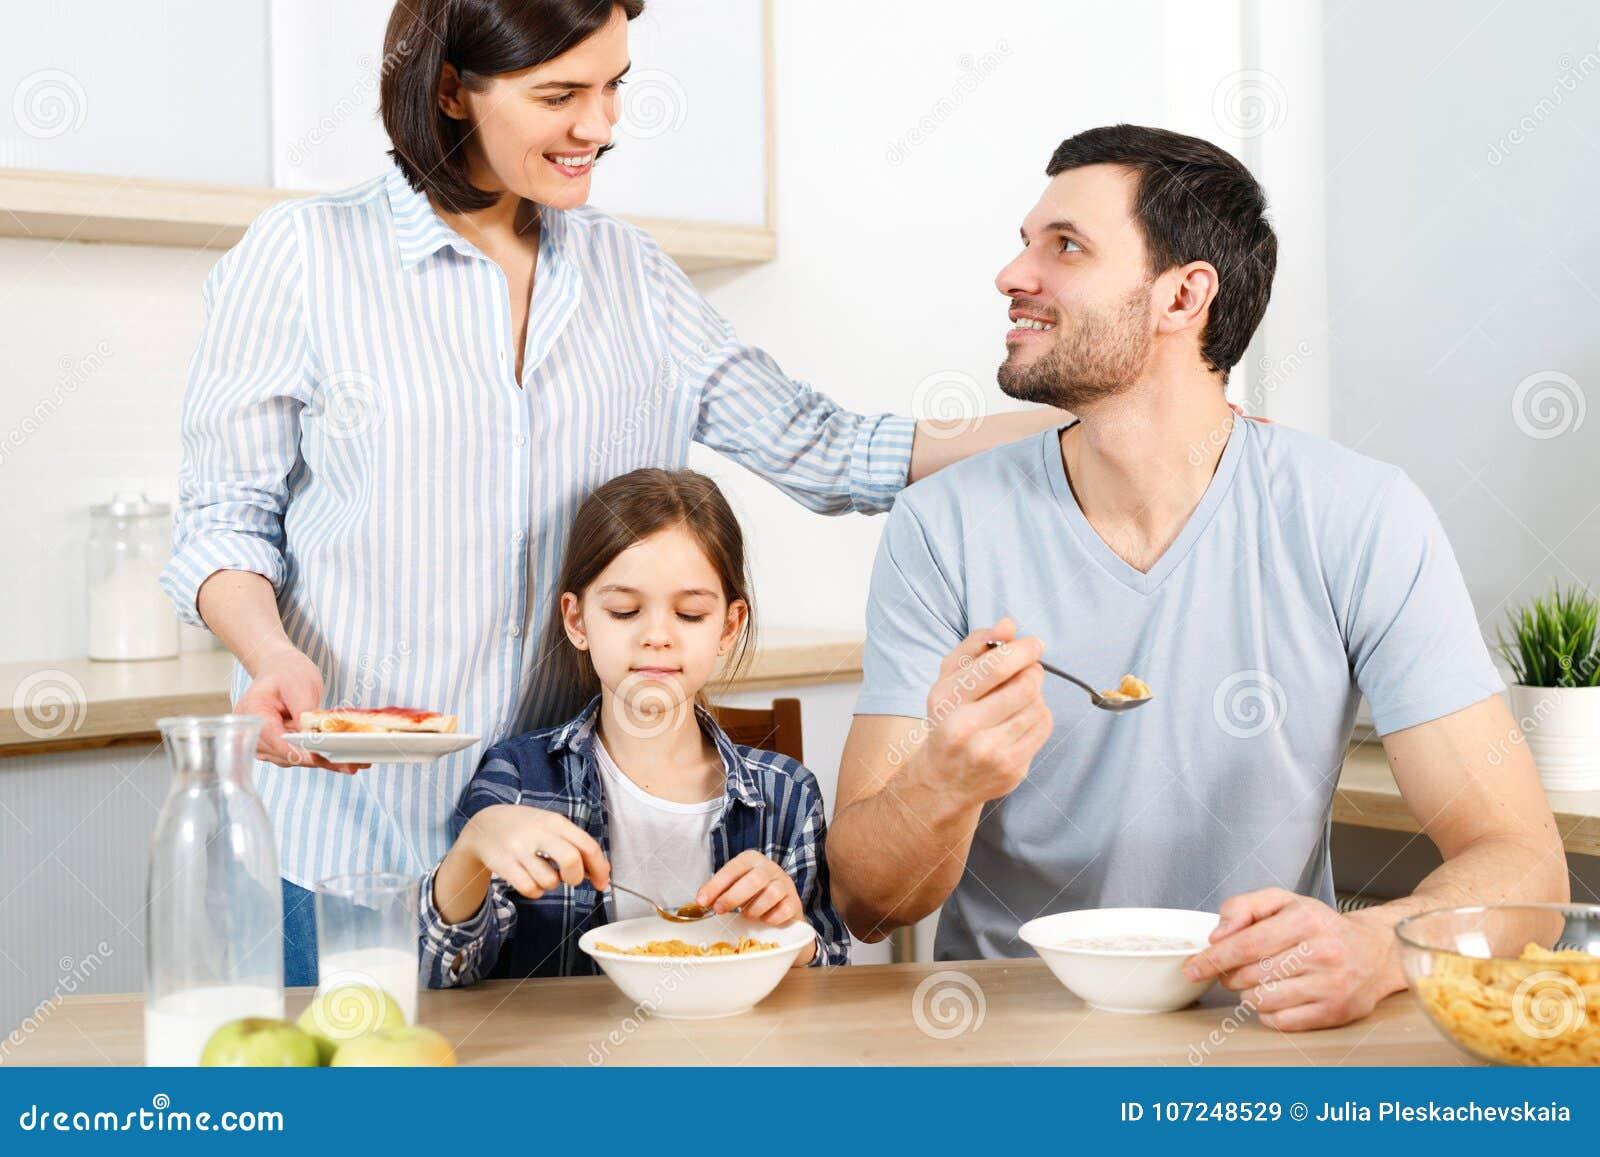 Três membros da família têm o café da manhã saudável delicioso na cozinha, comem flocos de milho com leite, apreciam a unidade e